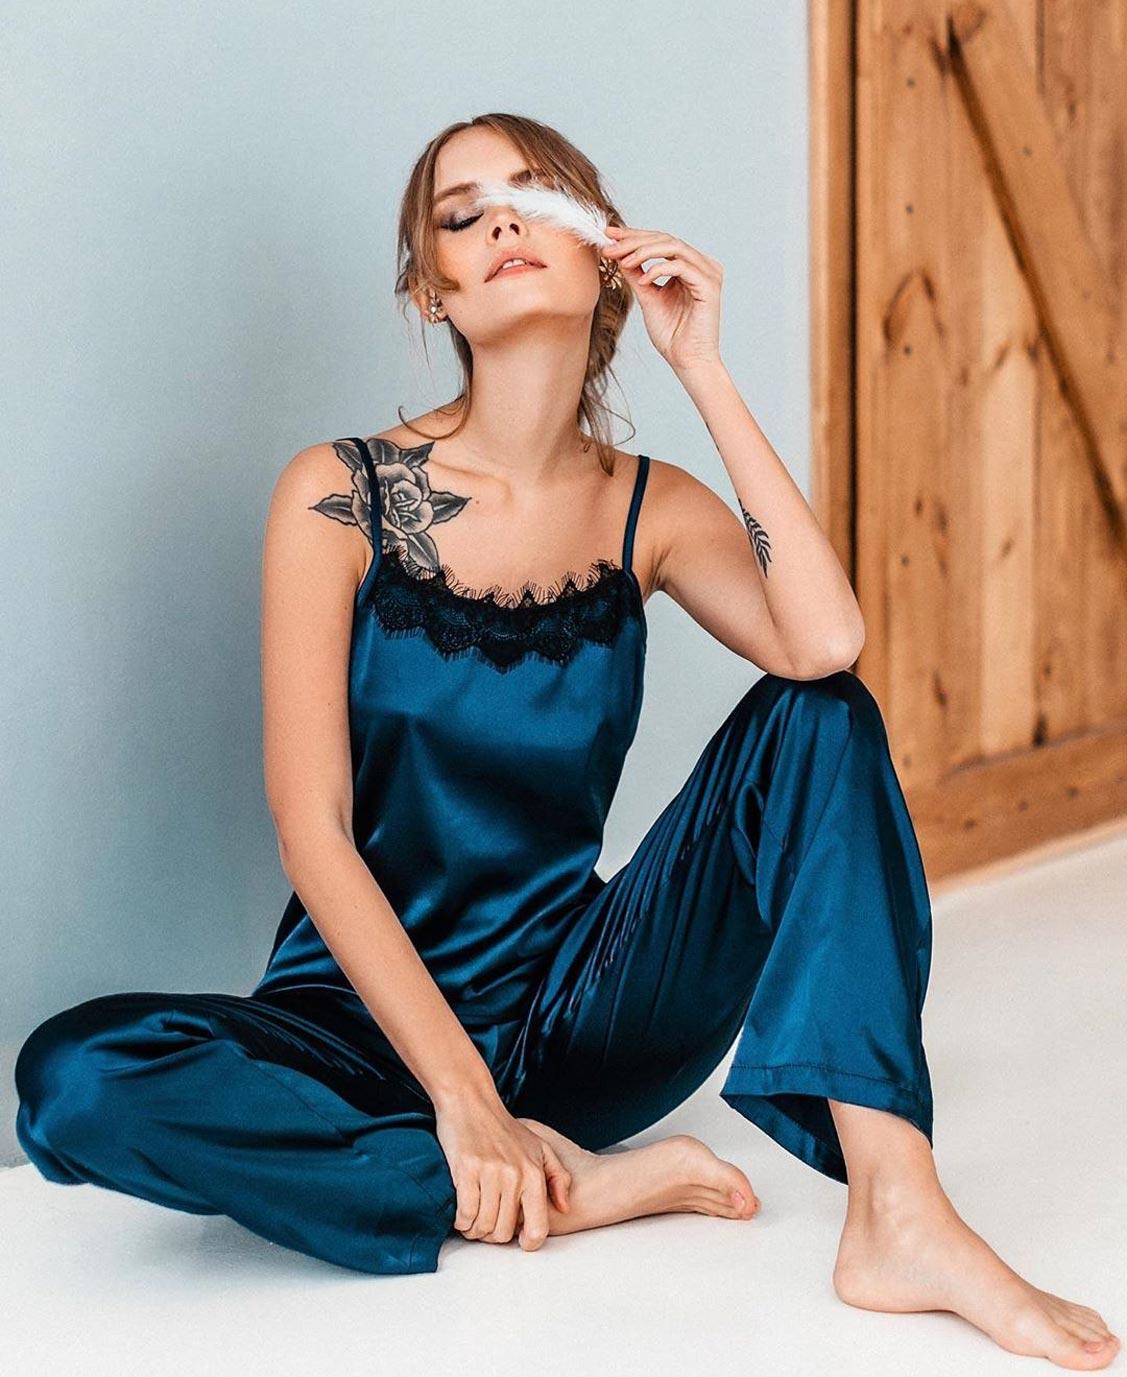 Анастасия Щеглова в нижнем белье торговой марки MissX / фото 03